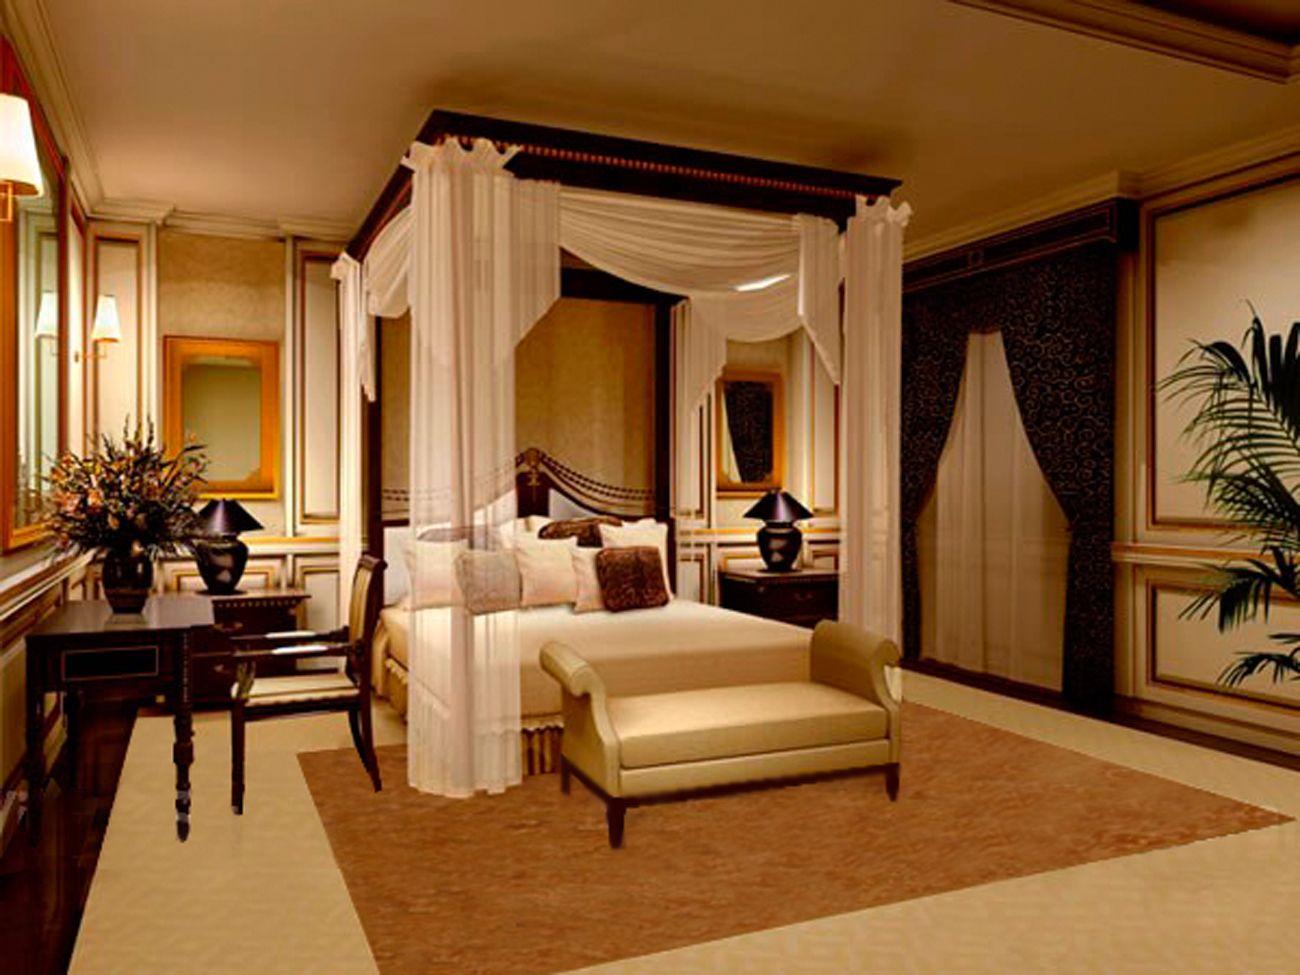 Luxury Bedrooms men's bedrooms interior design | romantic luxury bedroom designs